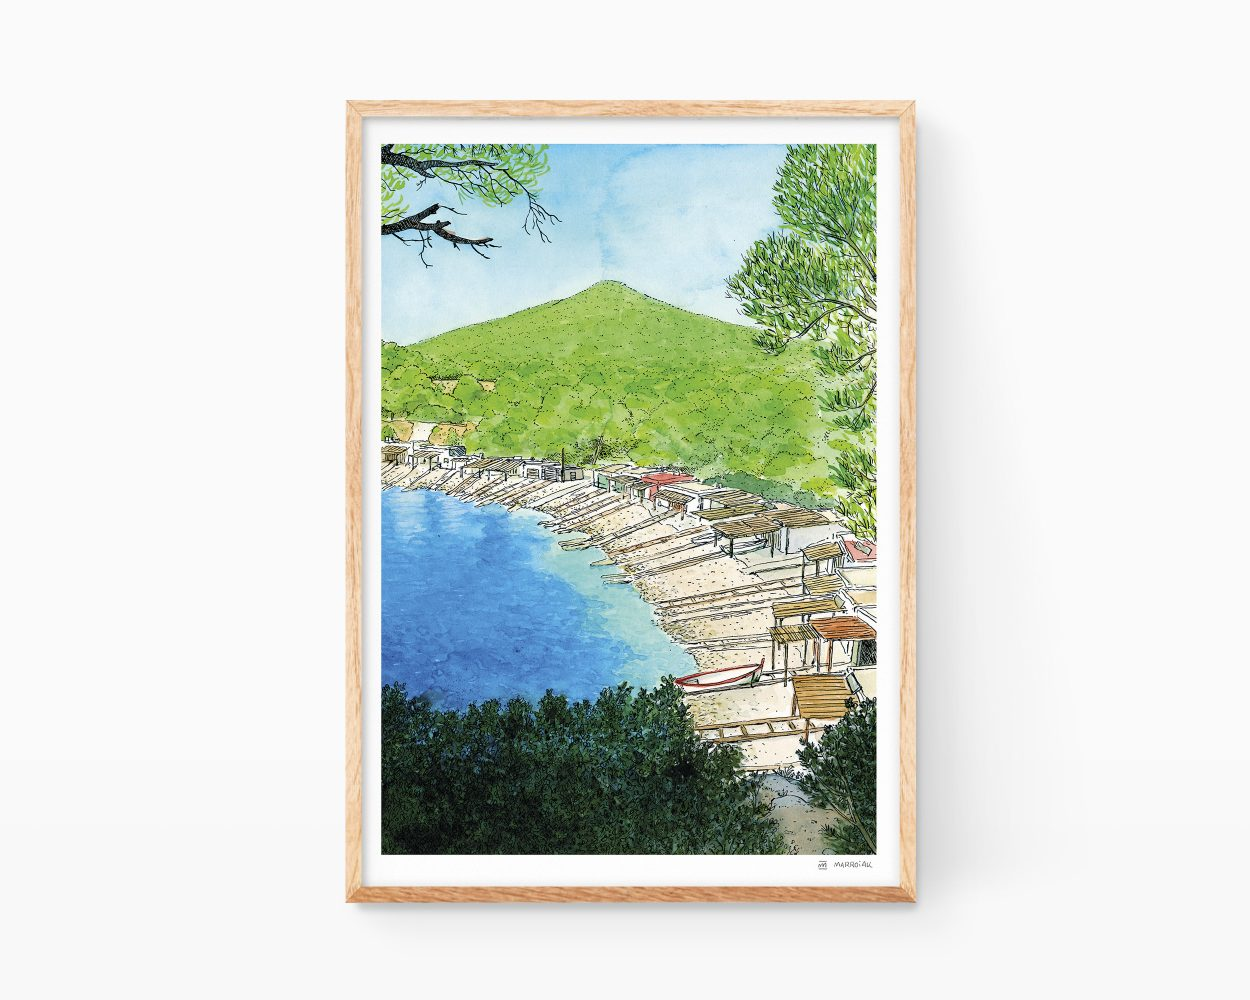 Lámina decorativa para enmarcar con una ilustración en acuarela de la playa de Sa Caleta en la Isla de Ibiza. Municipio de Sant Josep de Sa Talaia